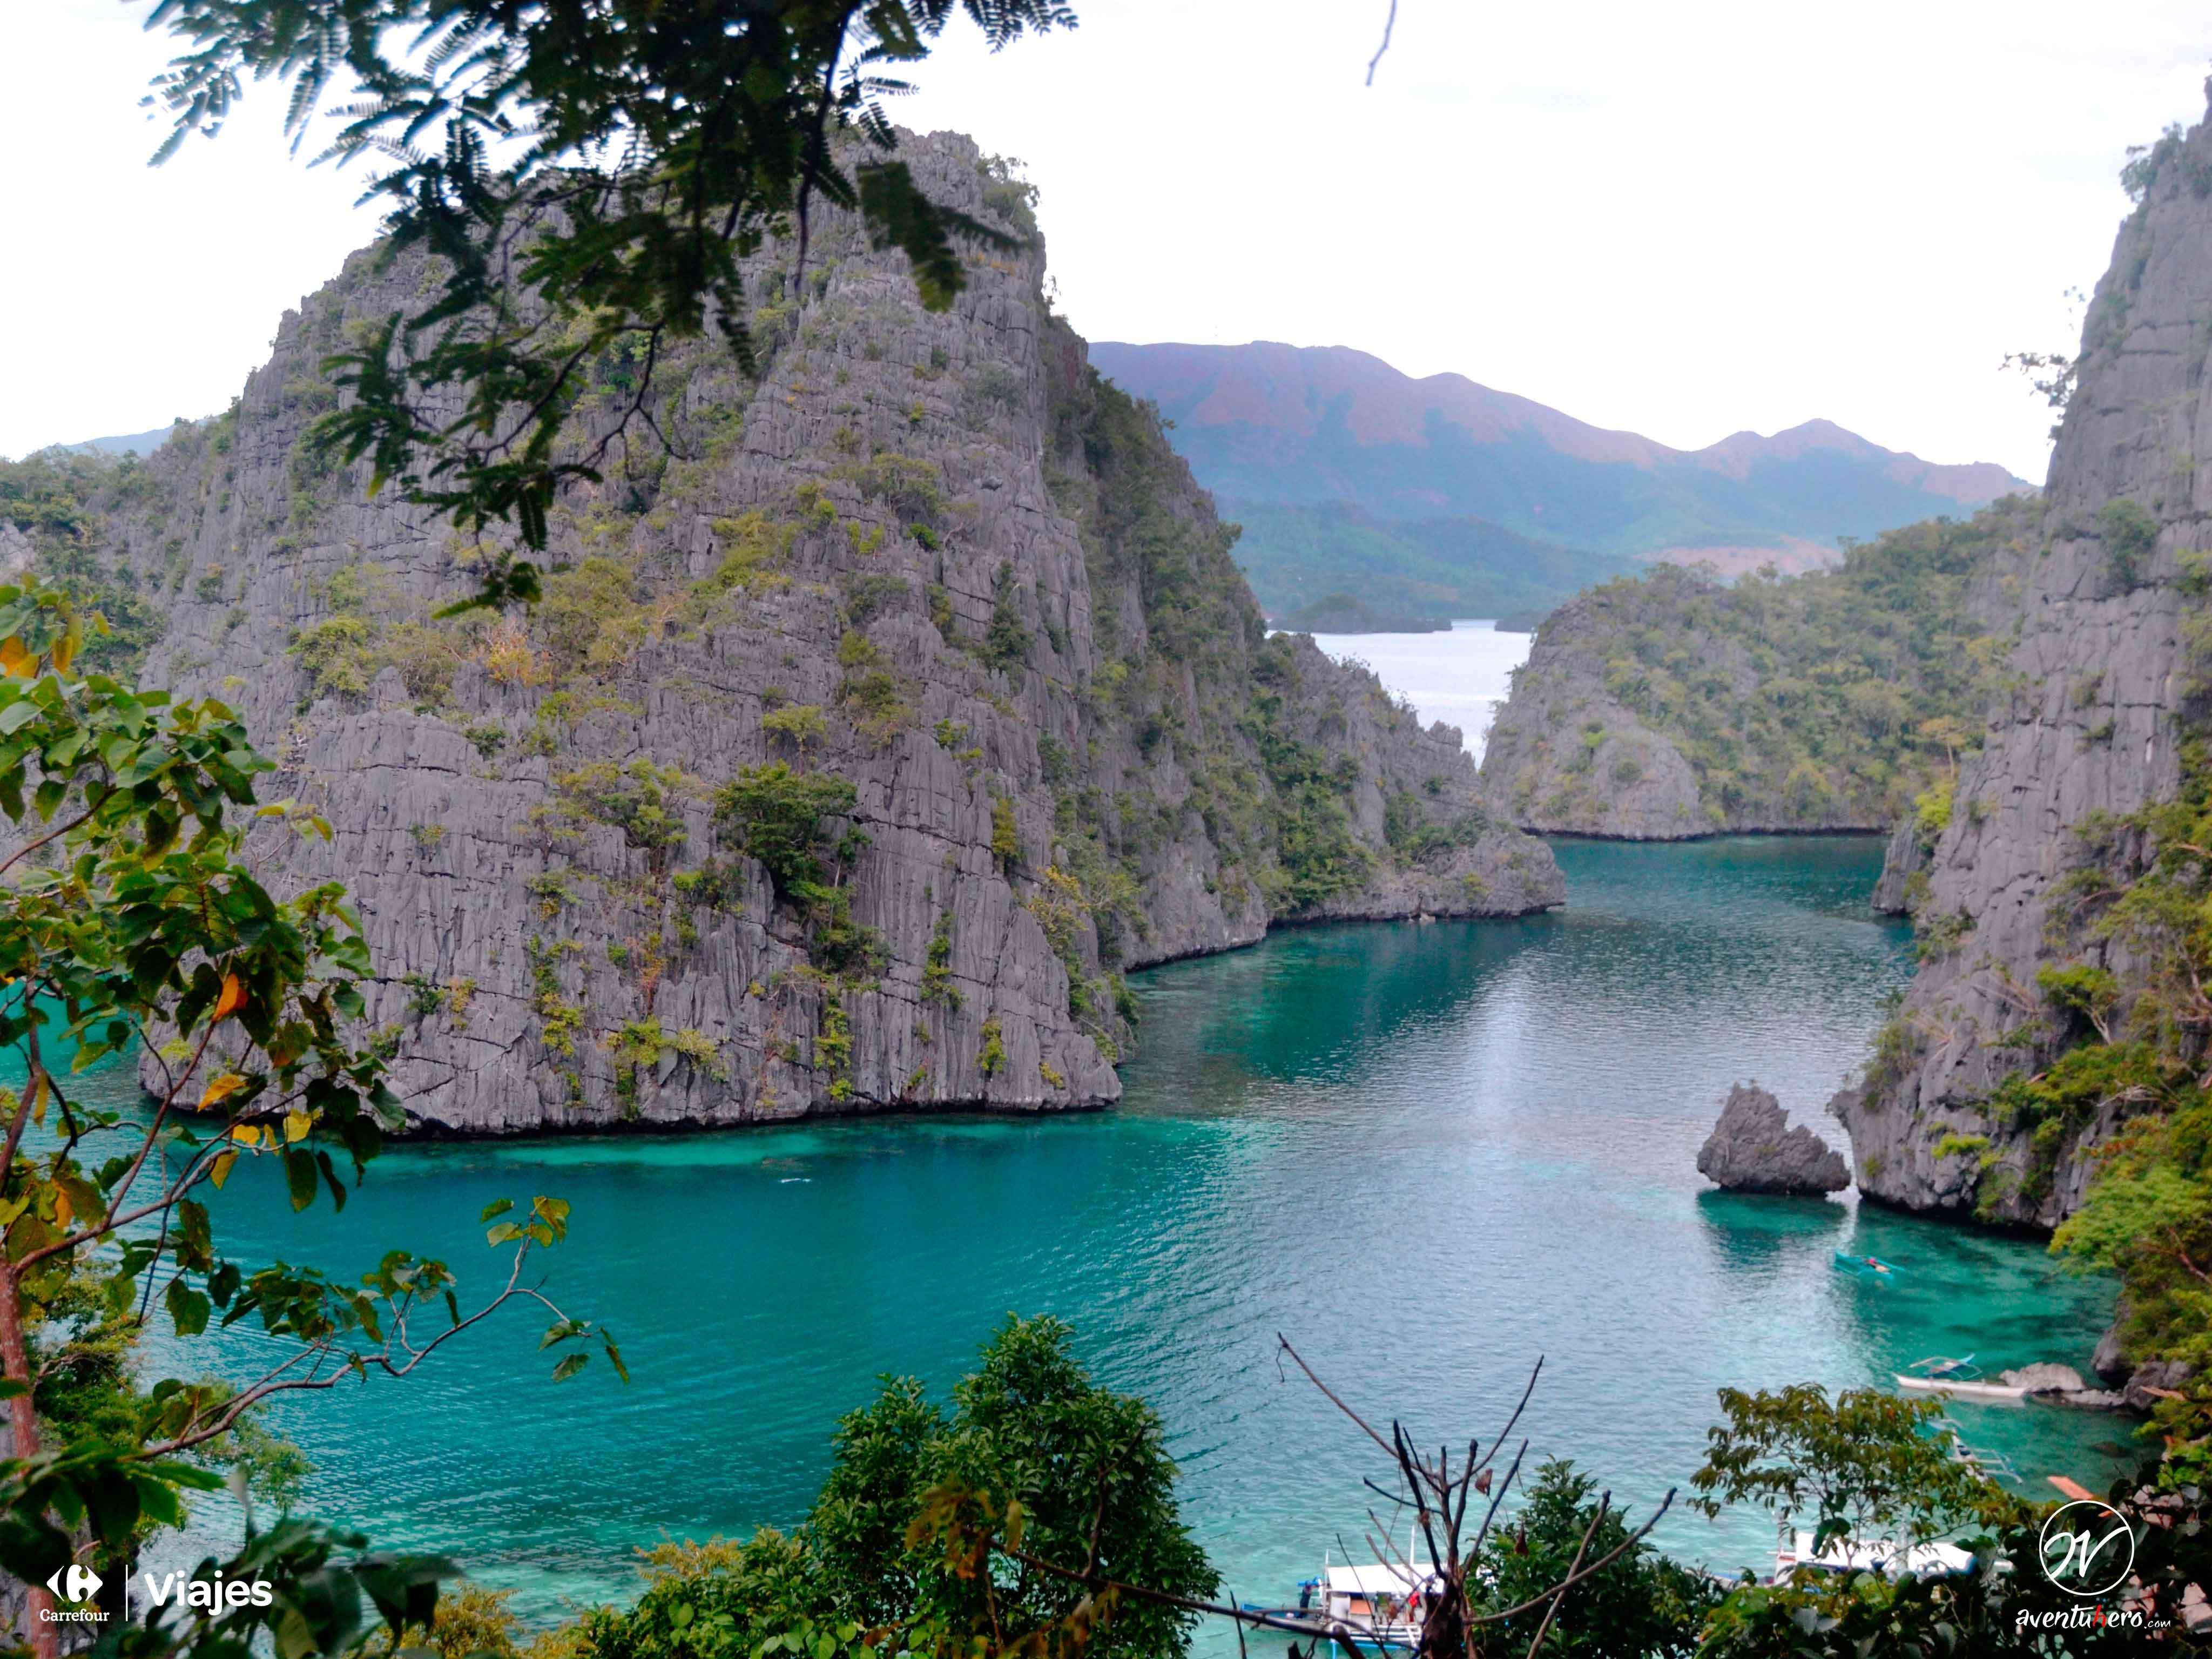 Filipinas, Aventuhero